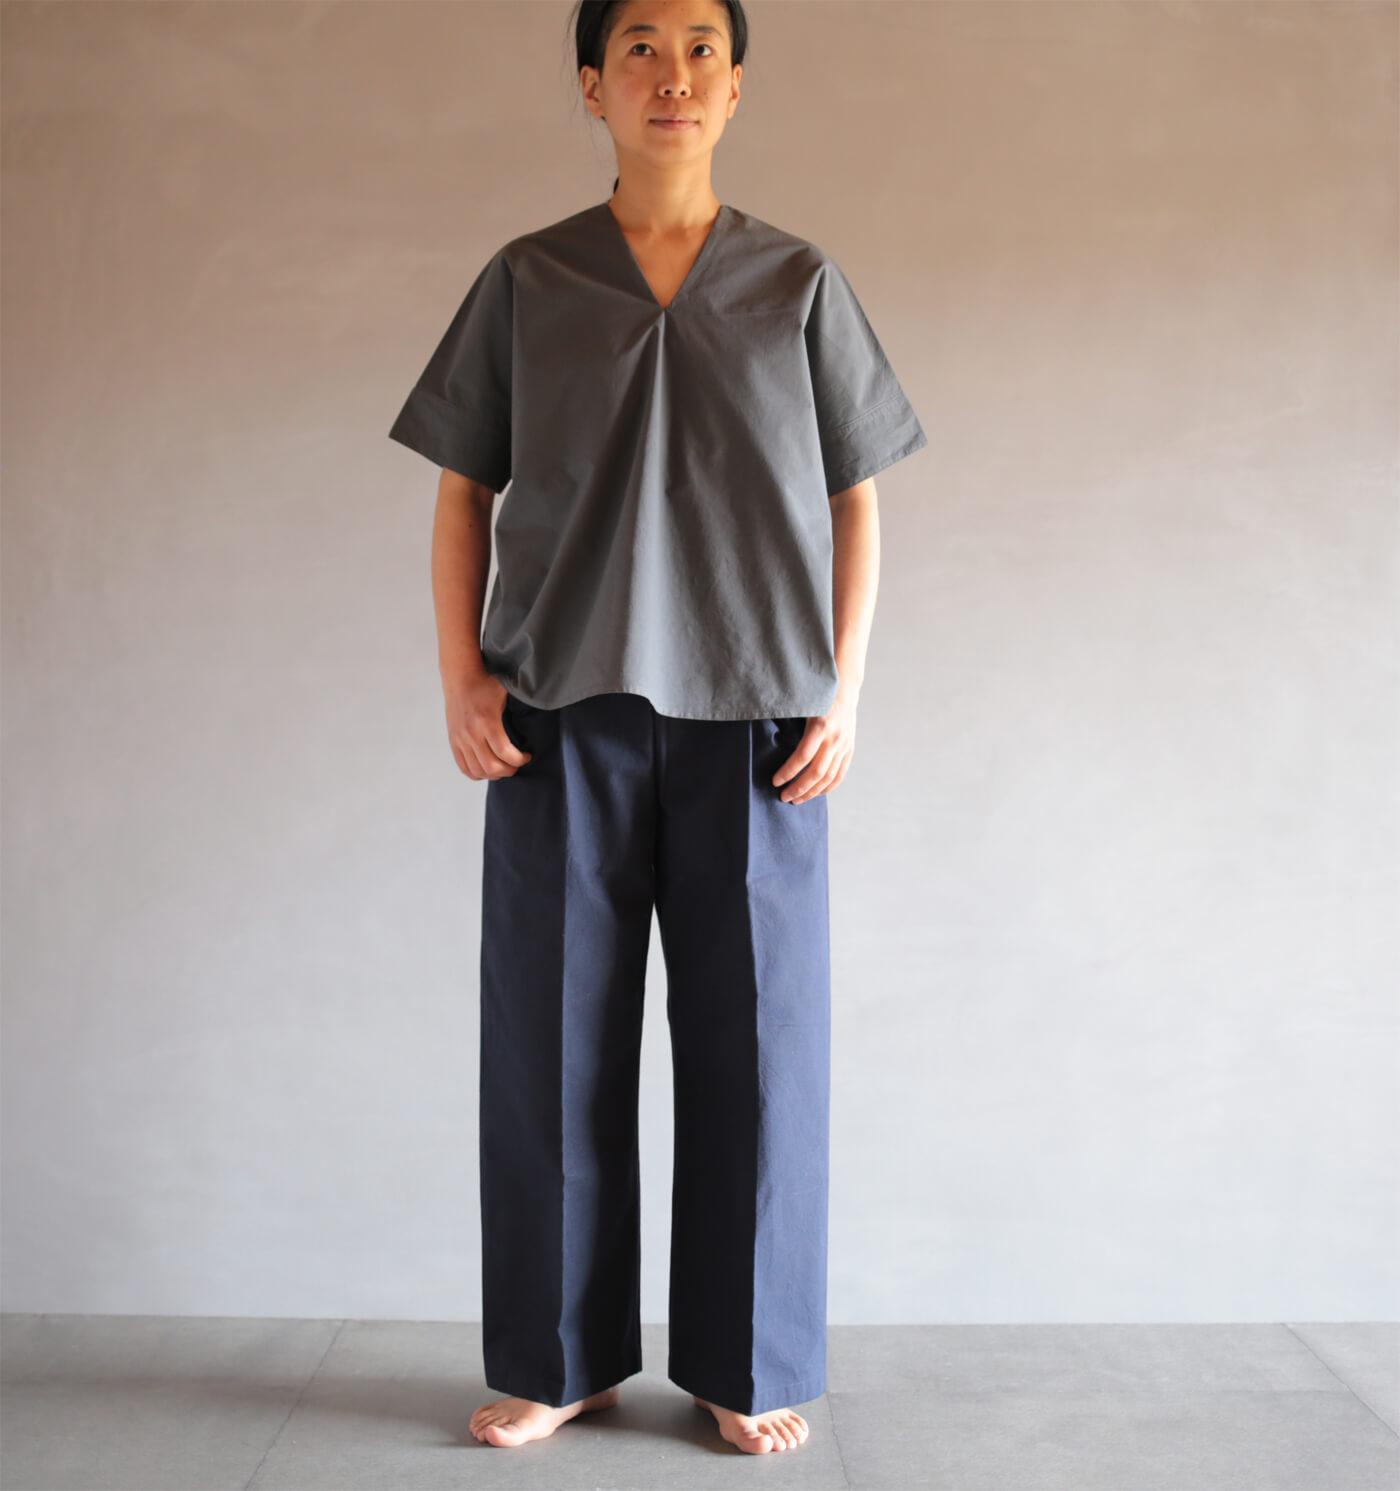 通販 カレン半袖シャツのアイキャッチ画像